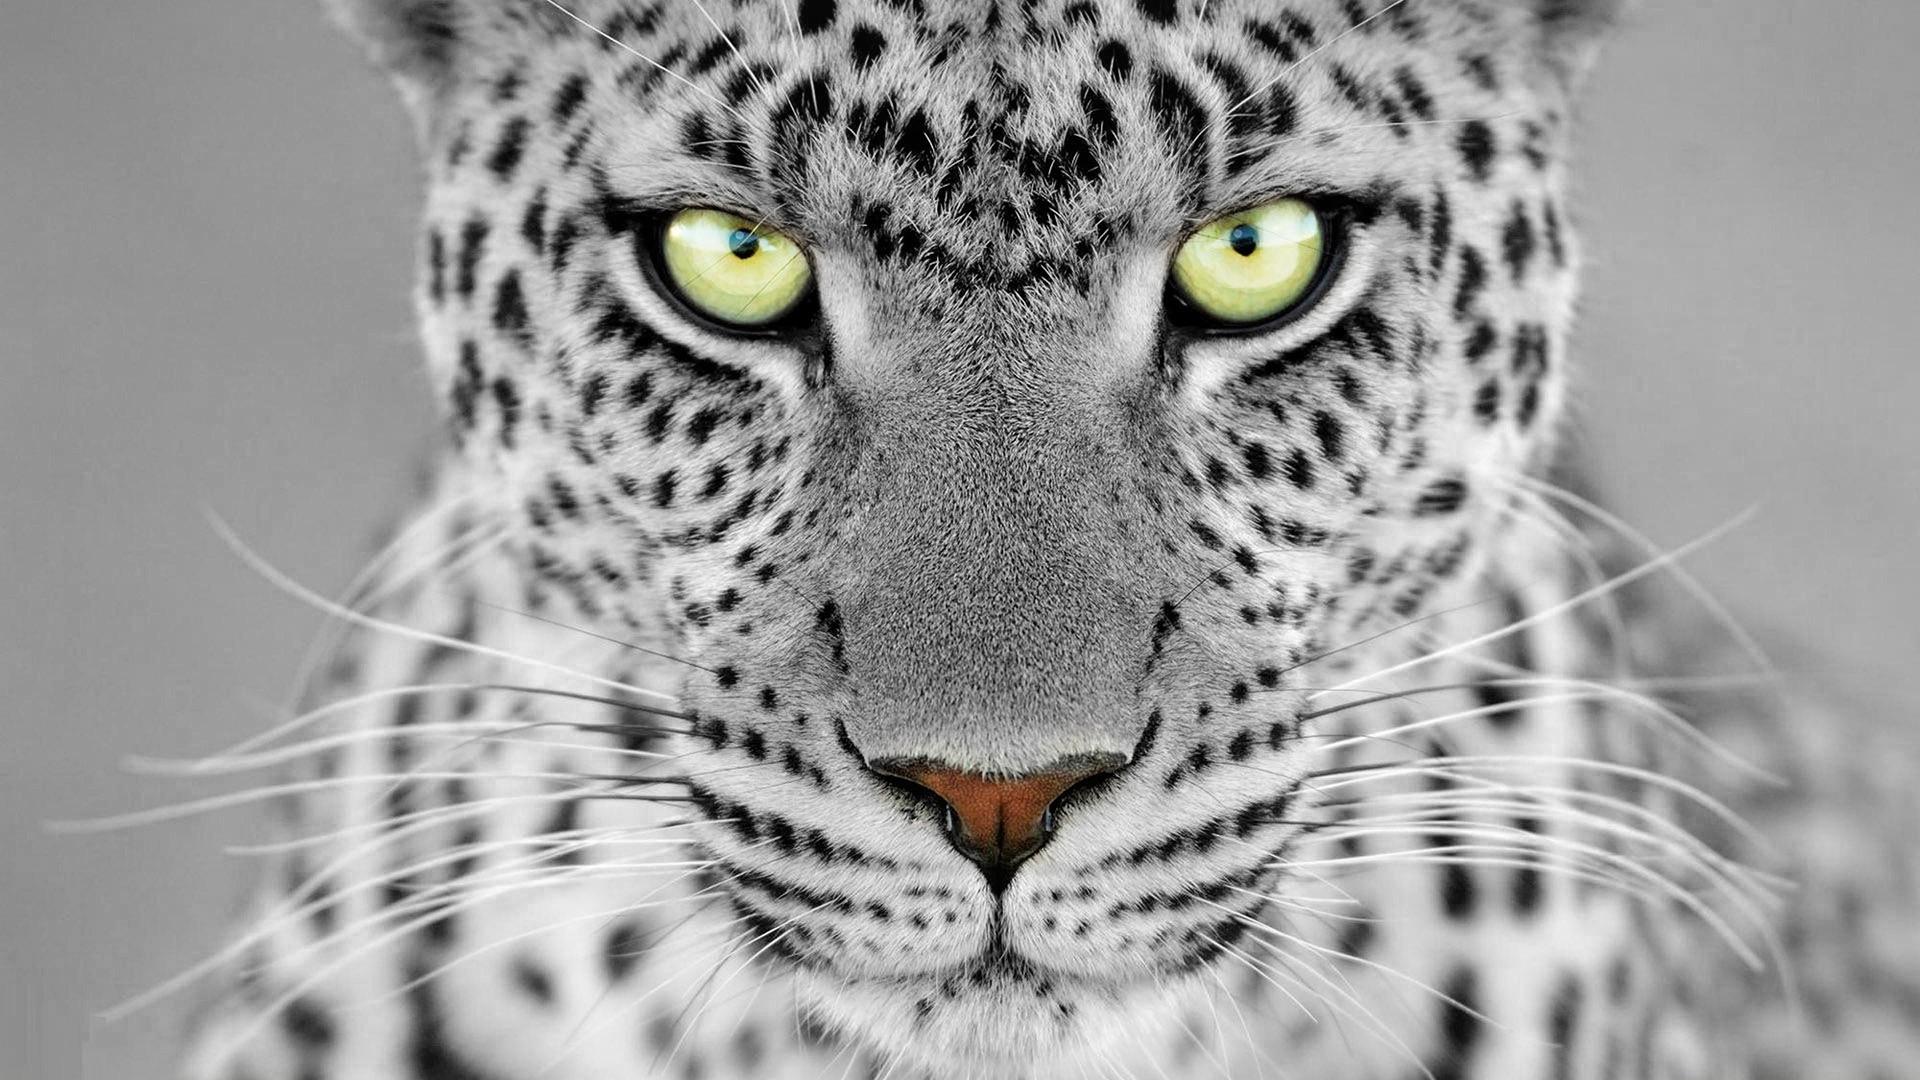 fond d 39 cran animaux monochrome faune gros chats moustaches jaguar gu pard l opard des. Black Bedroom Furniture Sets. Home Design Ideas